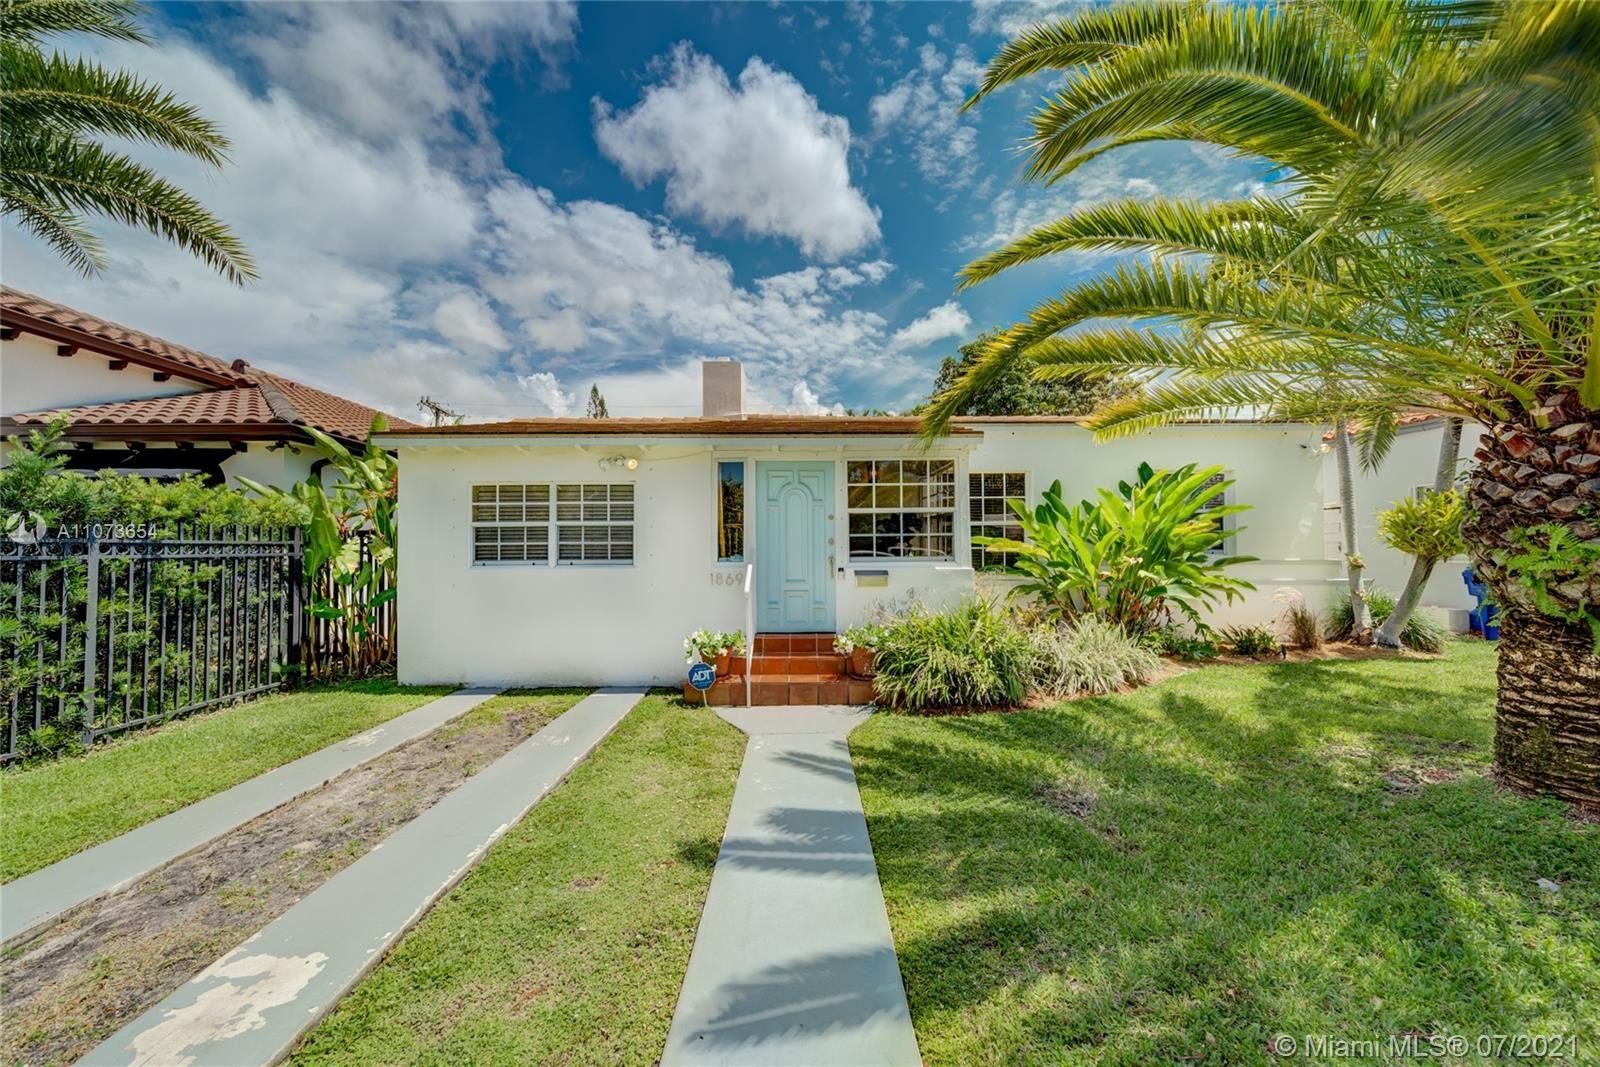 1869 SW 14 St, Miami, FL 33145 - #: A11073654